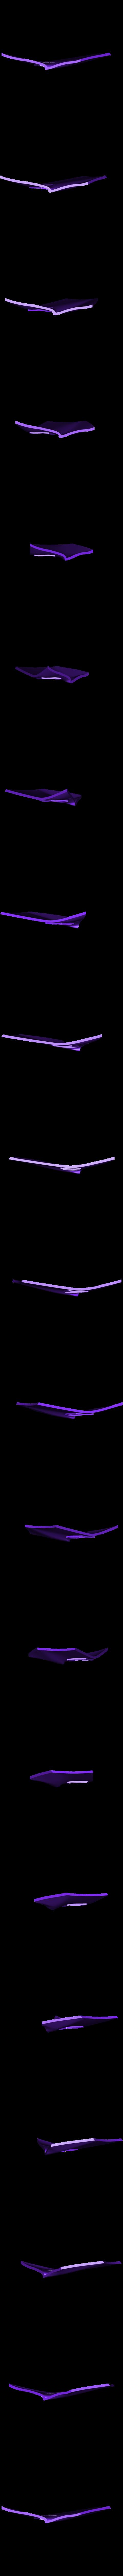 Hex3D_Vader_Facemask_P5.stl Descargar archivo STL Darth Vader - Casco de Revelación 3D para Imprimir • Diseño para imprimir en 3D, Geoffro